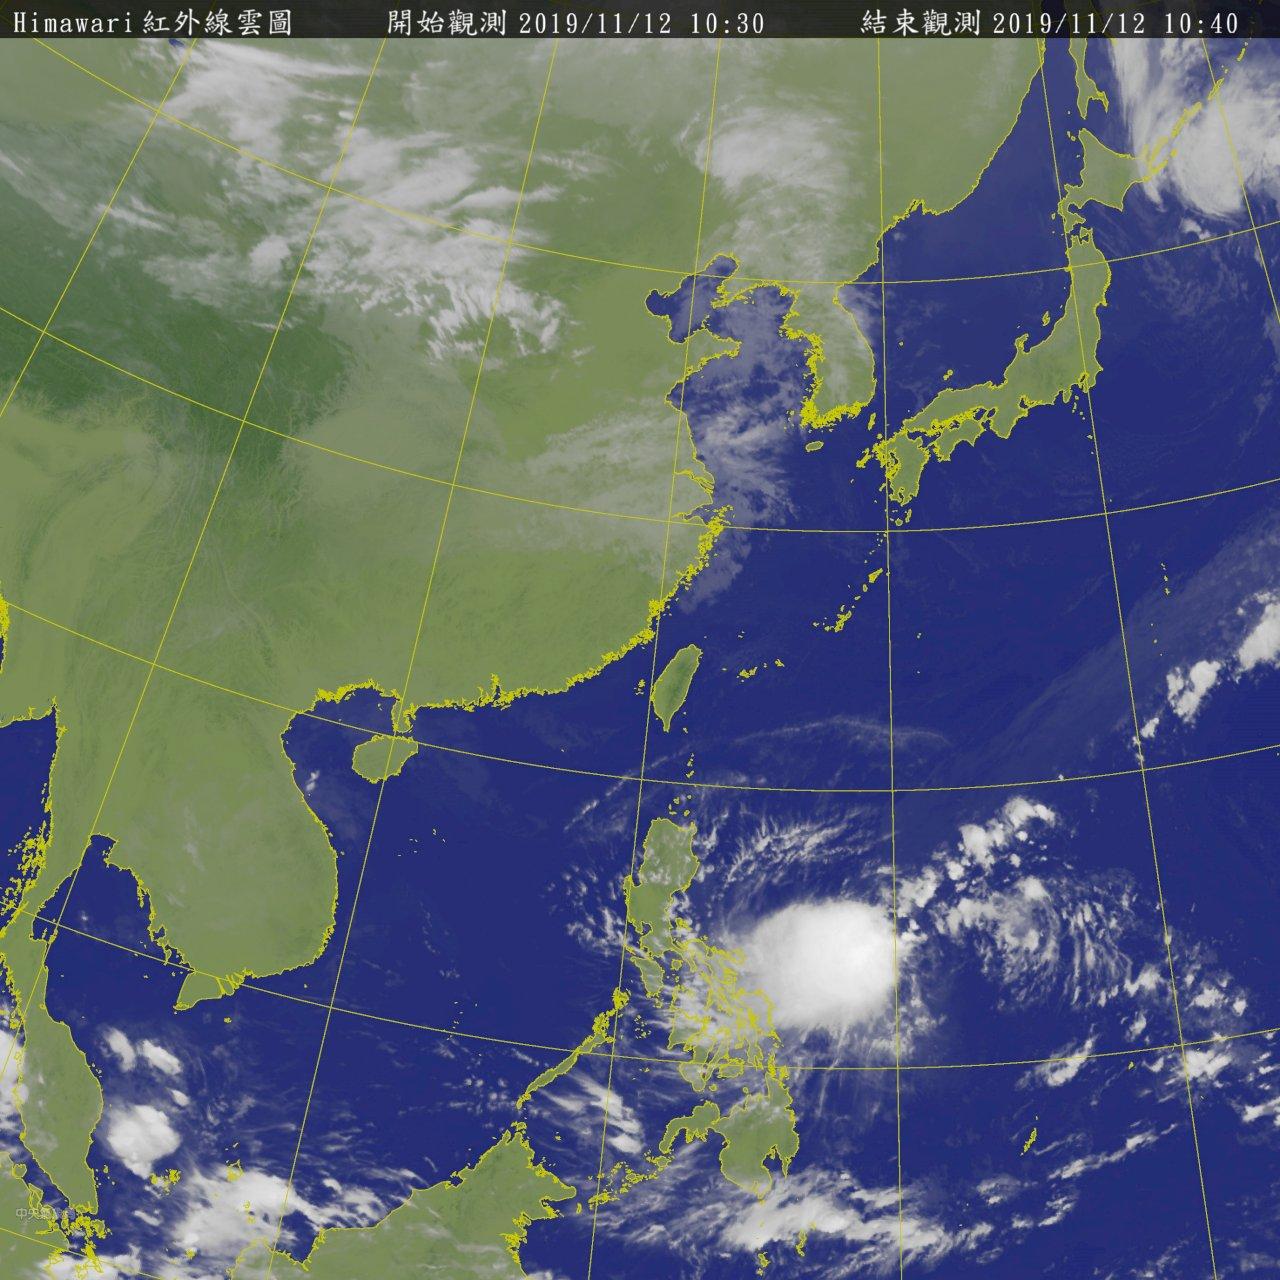 海面上2熱帶低氣壓 有機會發展為颱風